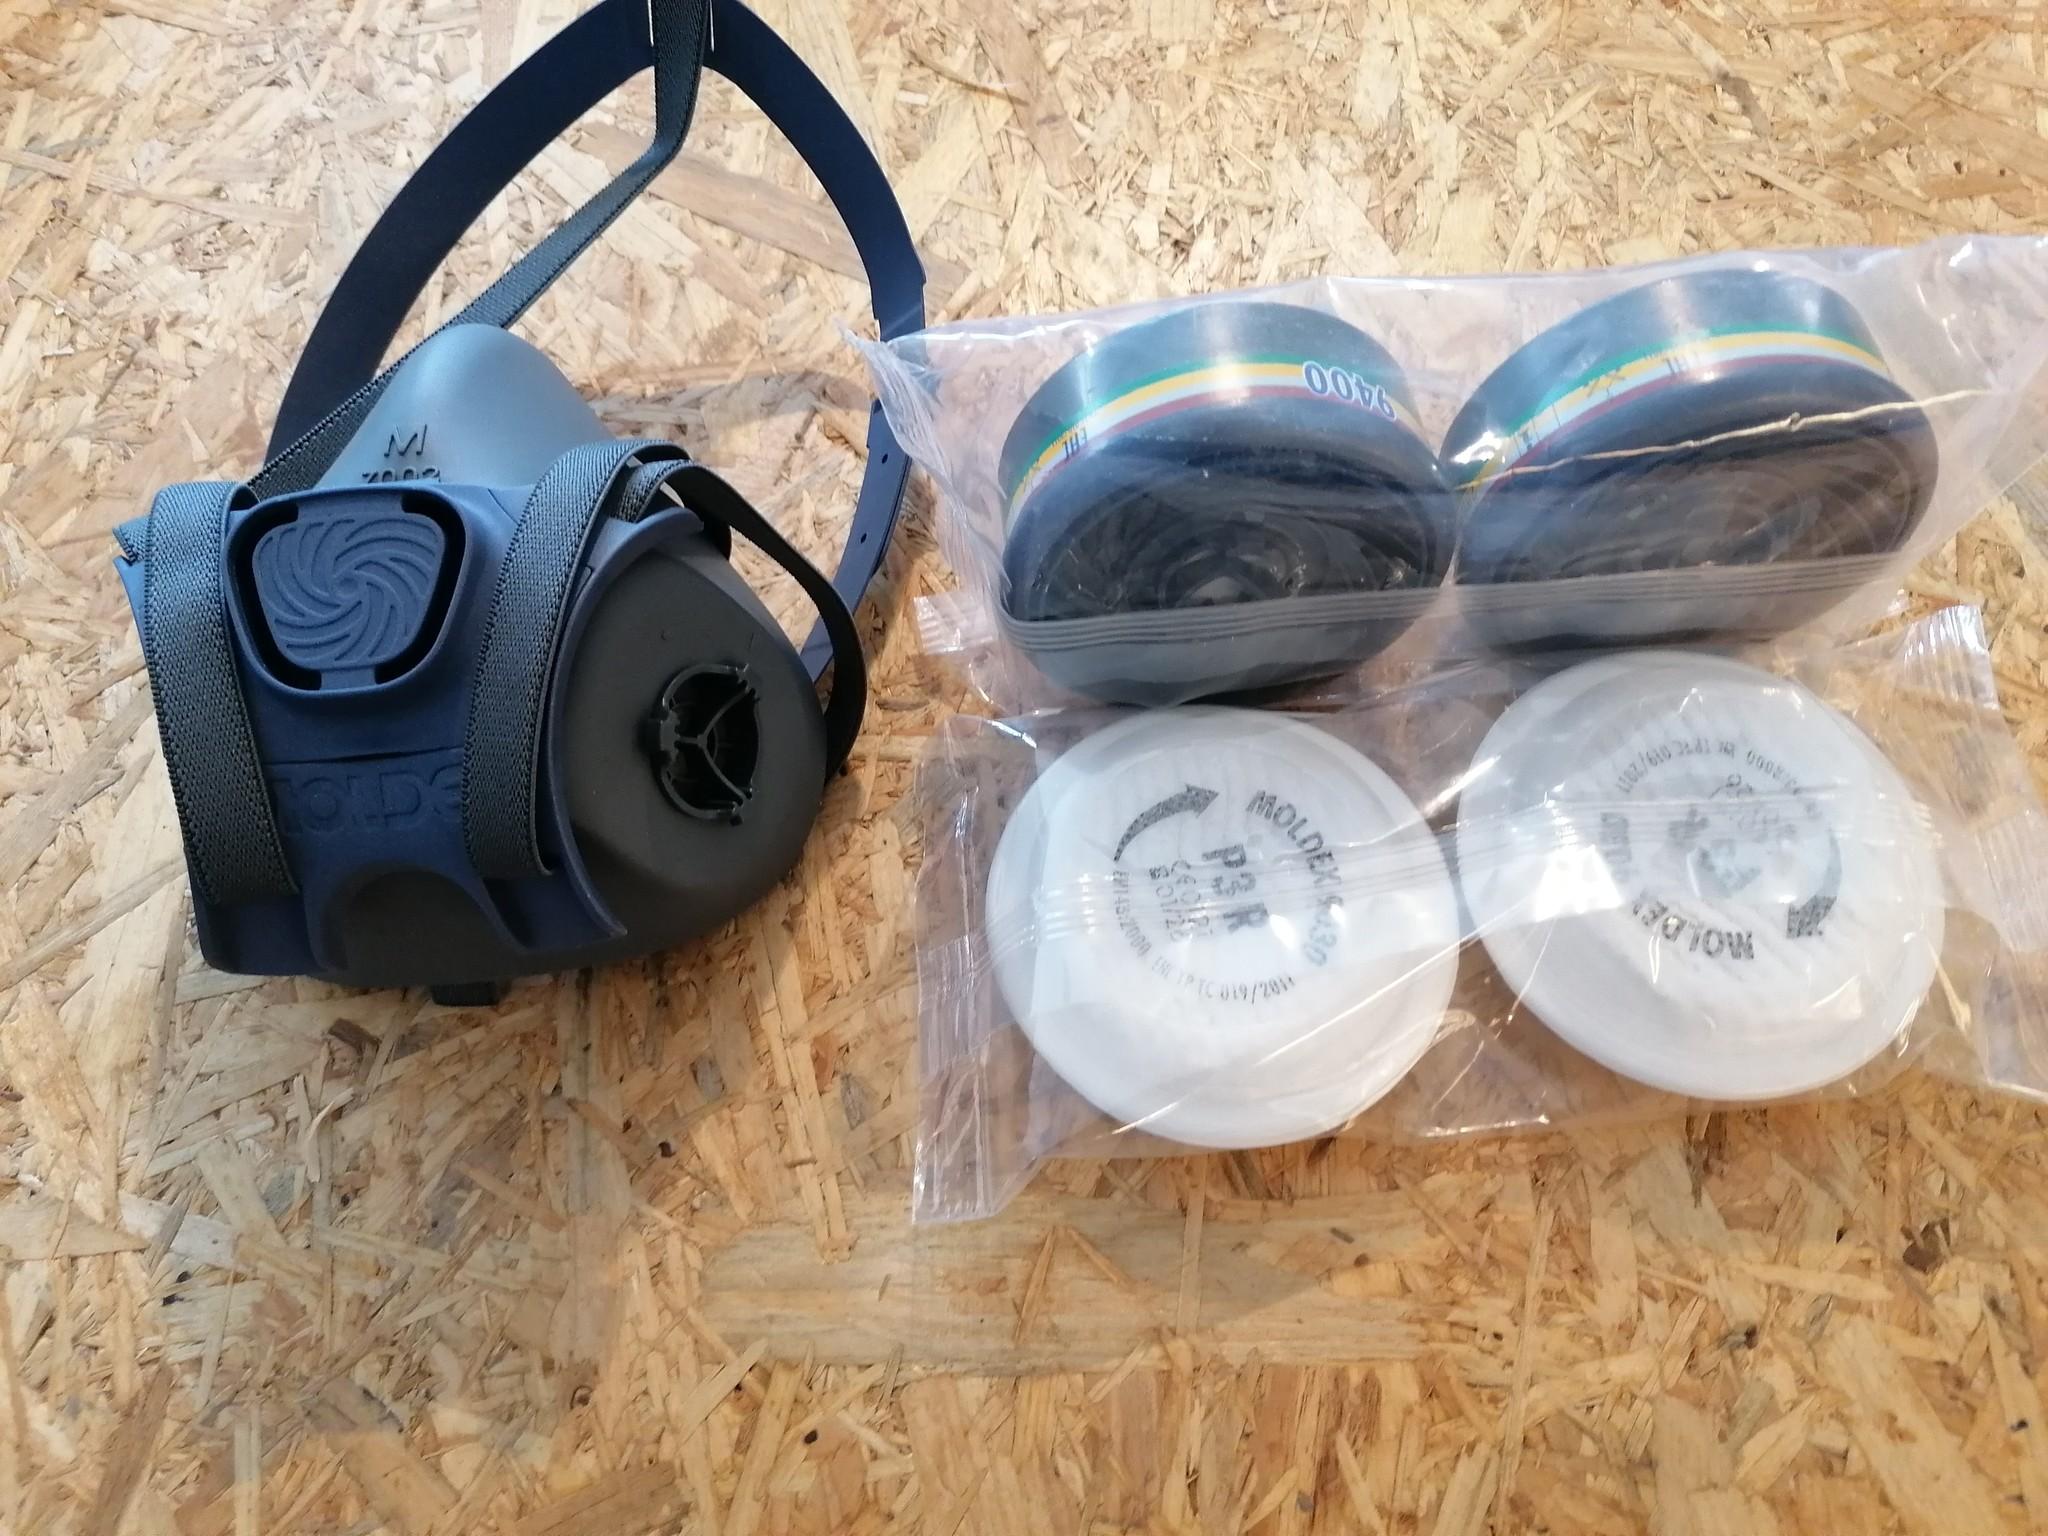 Halfgelaatsmasker - bescherming tegen mierenzuur/oxaalzuur-1